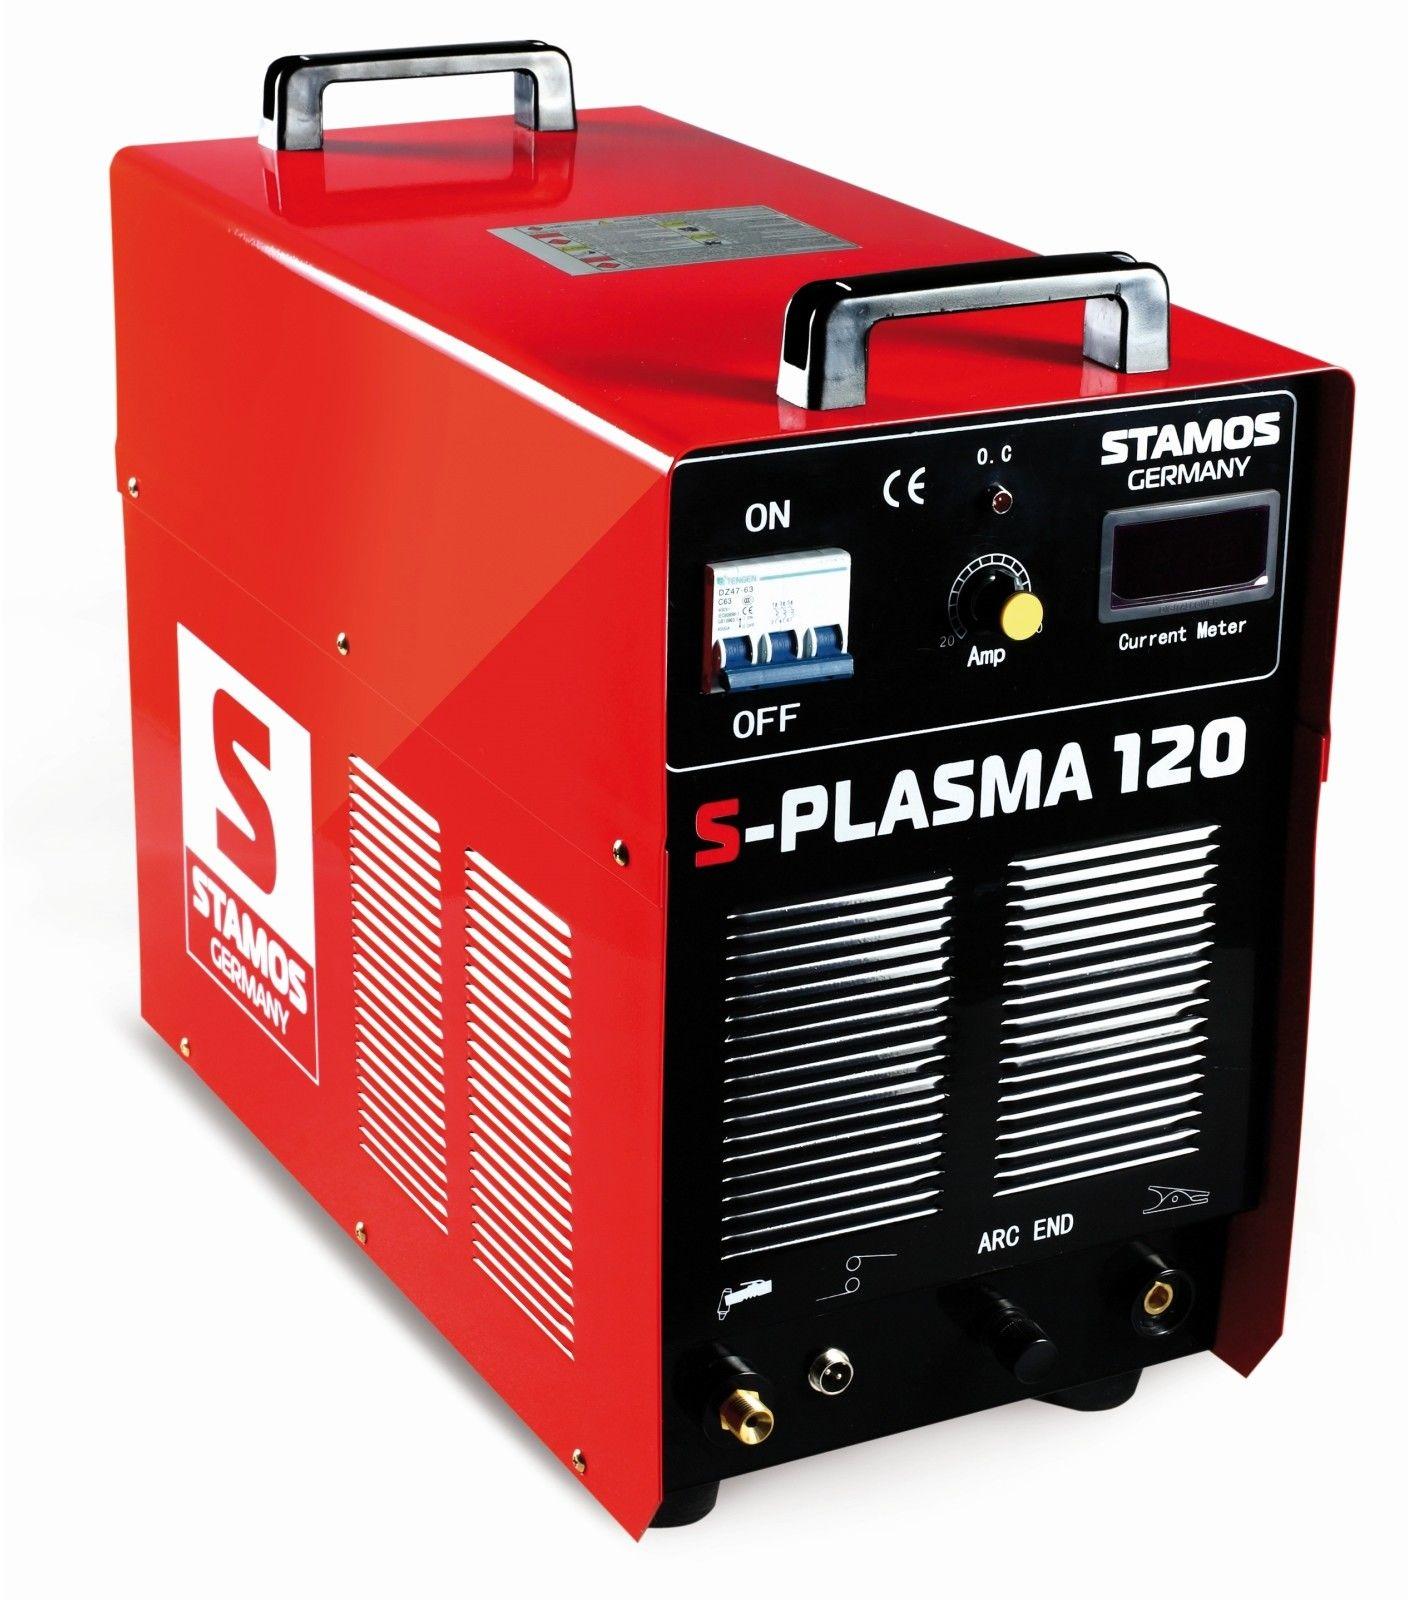 Przecinarka plazmowa - 120 A - 400 V - łuk pilotujący + Maska spawalnicza - Pokerface - Professional - Stamos Basic - S-Plasma 120 - 3 lata